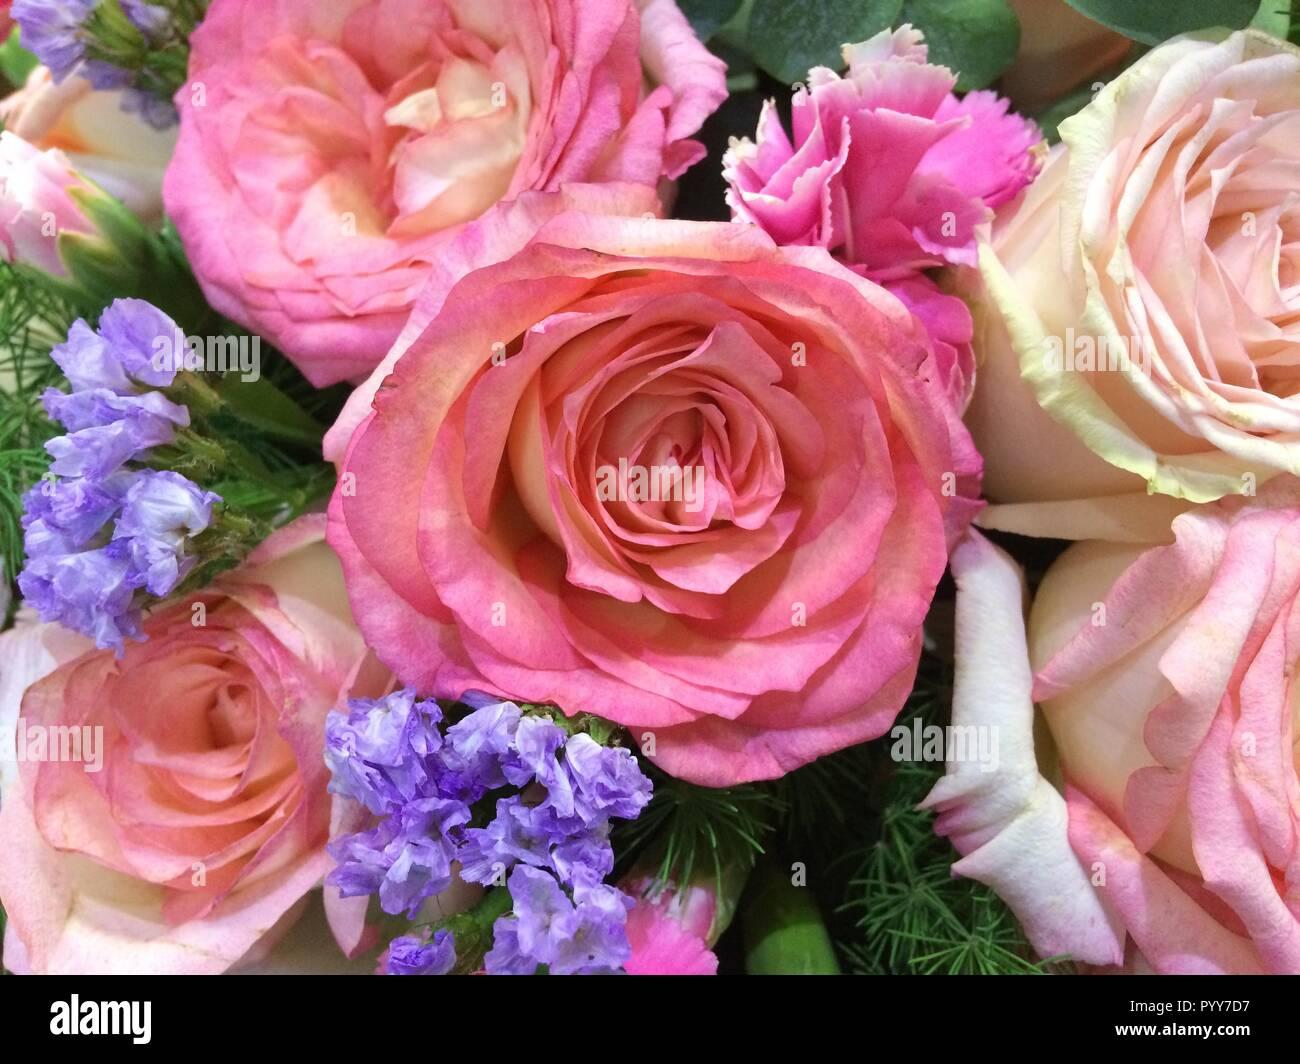 Gemischte Rosen In Einem Floralen Hochzeit Dekoration Stockfoto